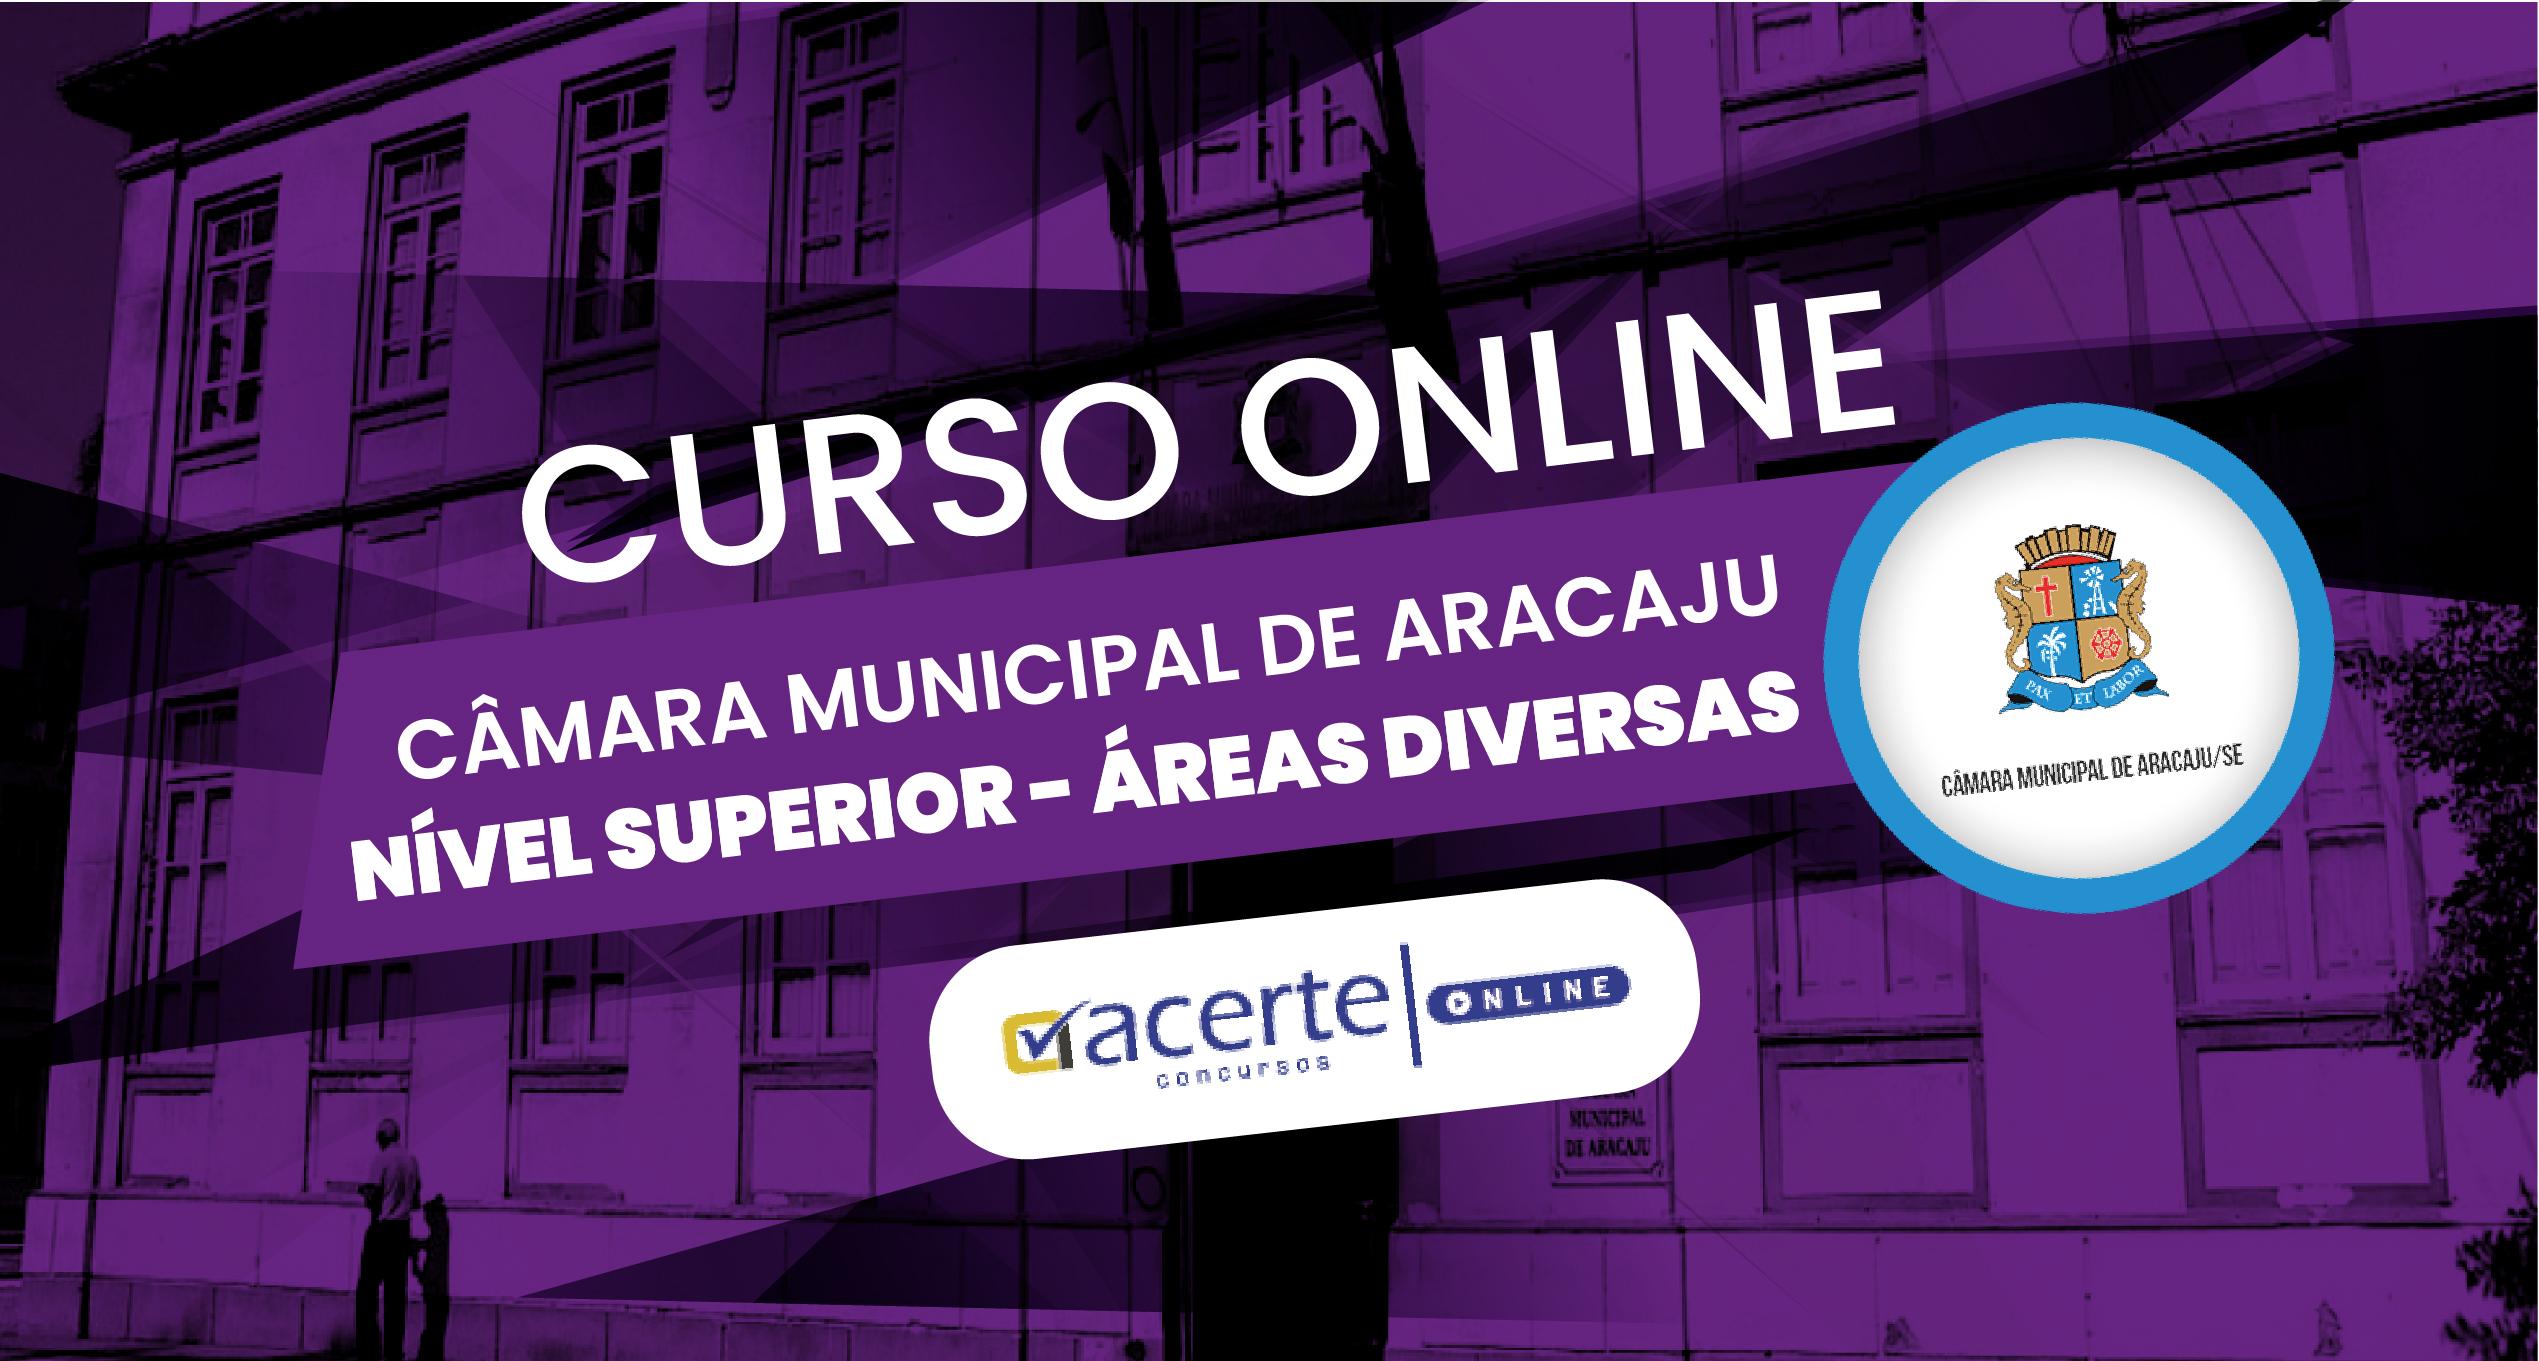 Câmara Municipal de Aracaju - Superior - Áreas Diversas